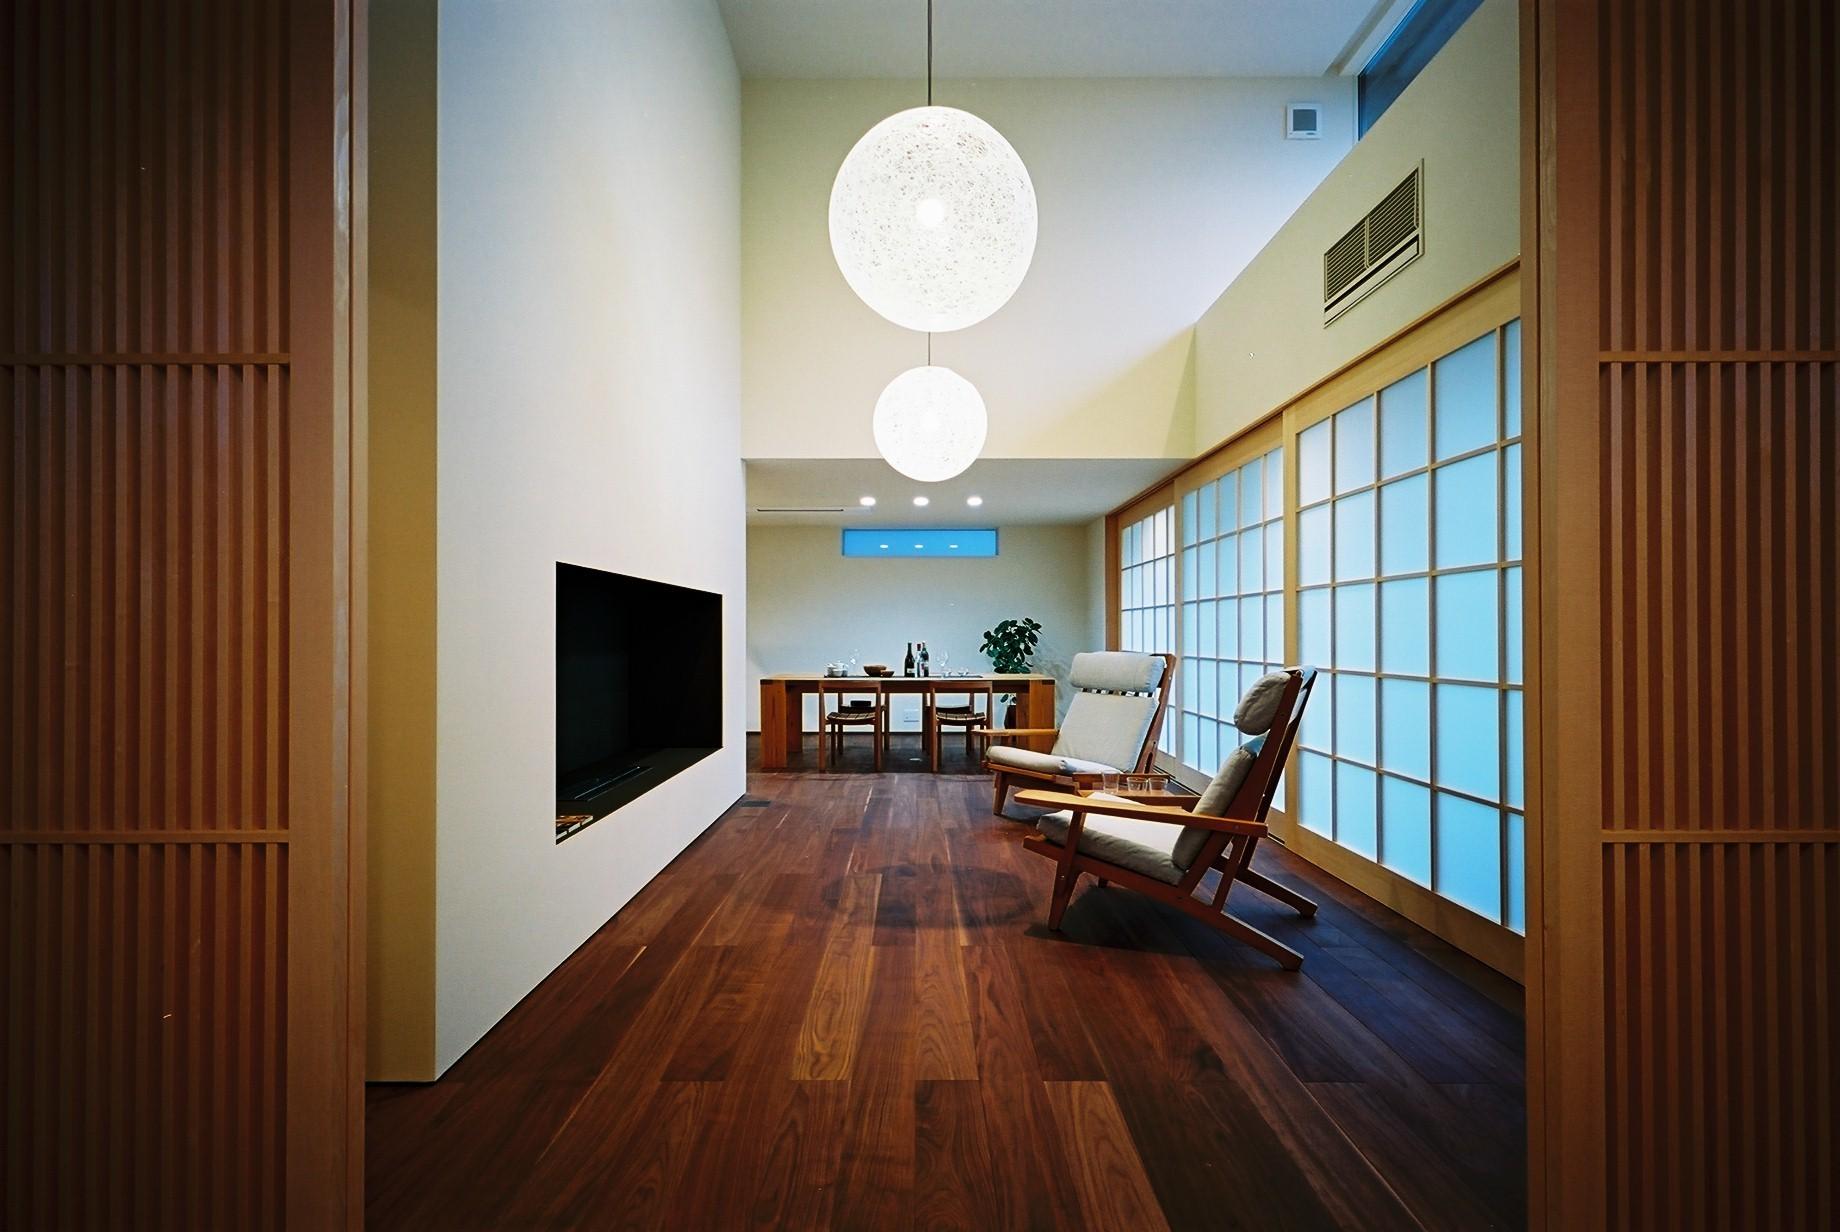 近江八幡の家|Y houseの建築事例写真